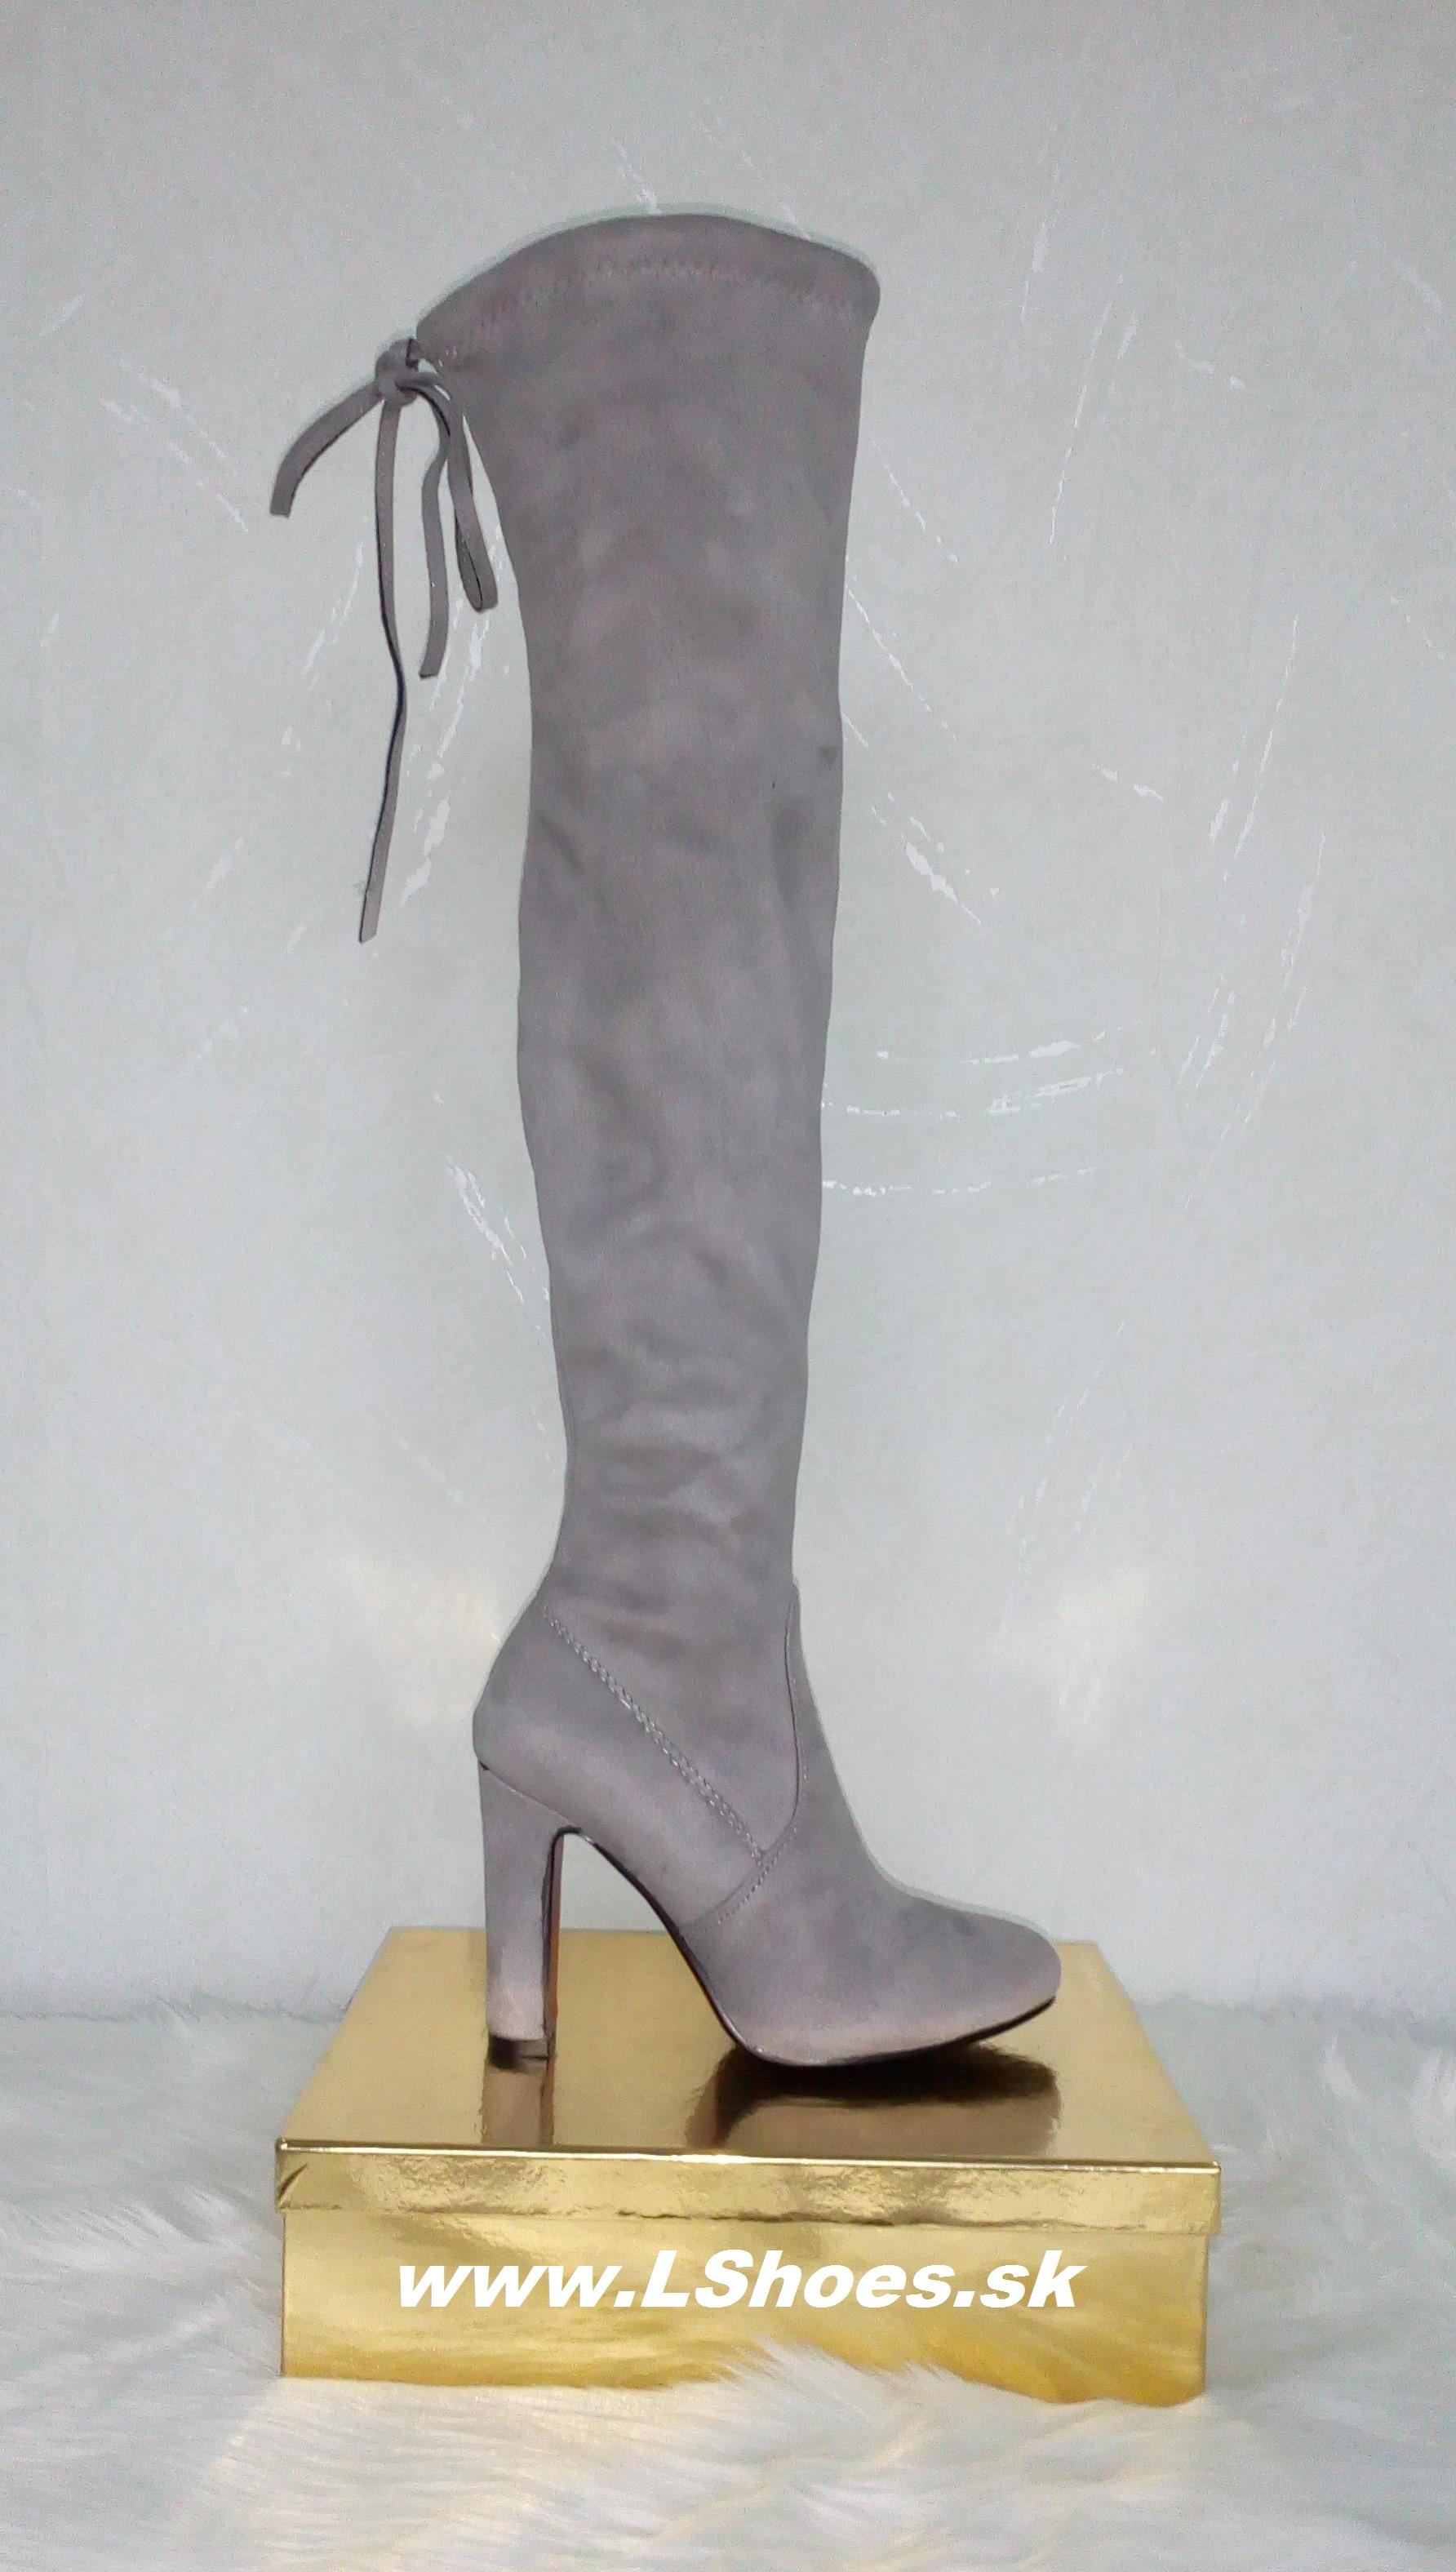 414af0099a188 Dámske sivé čižmy nad koleno na vysokom opätku   www.LShoes.sk